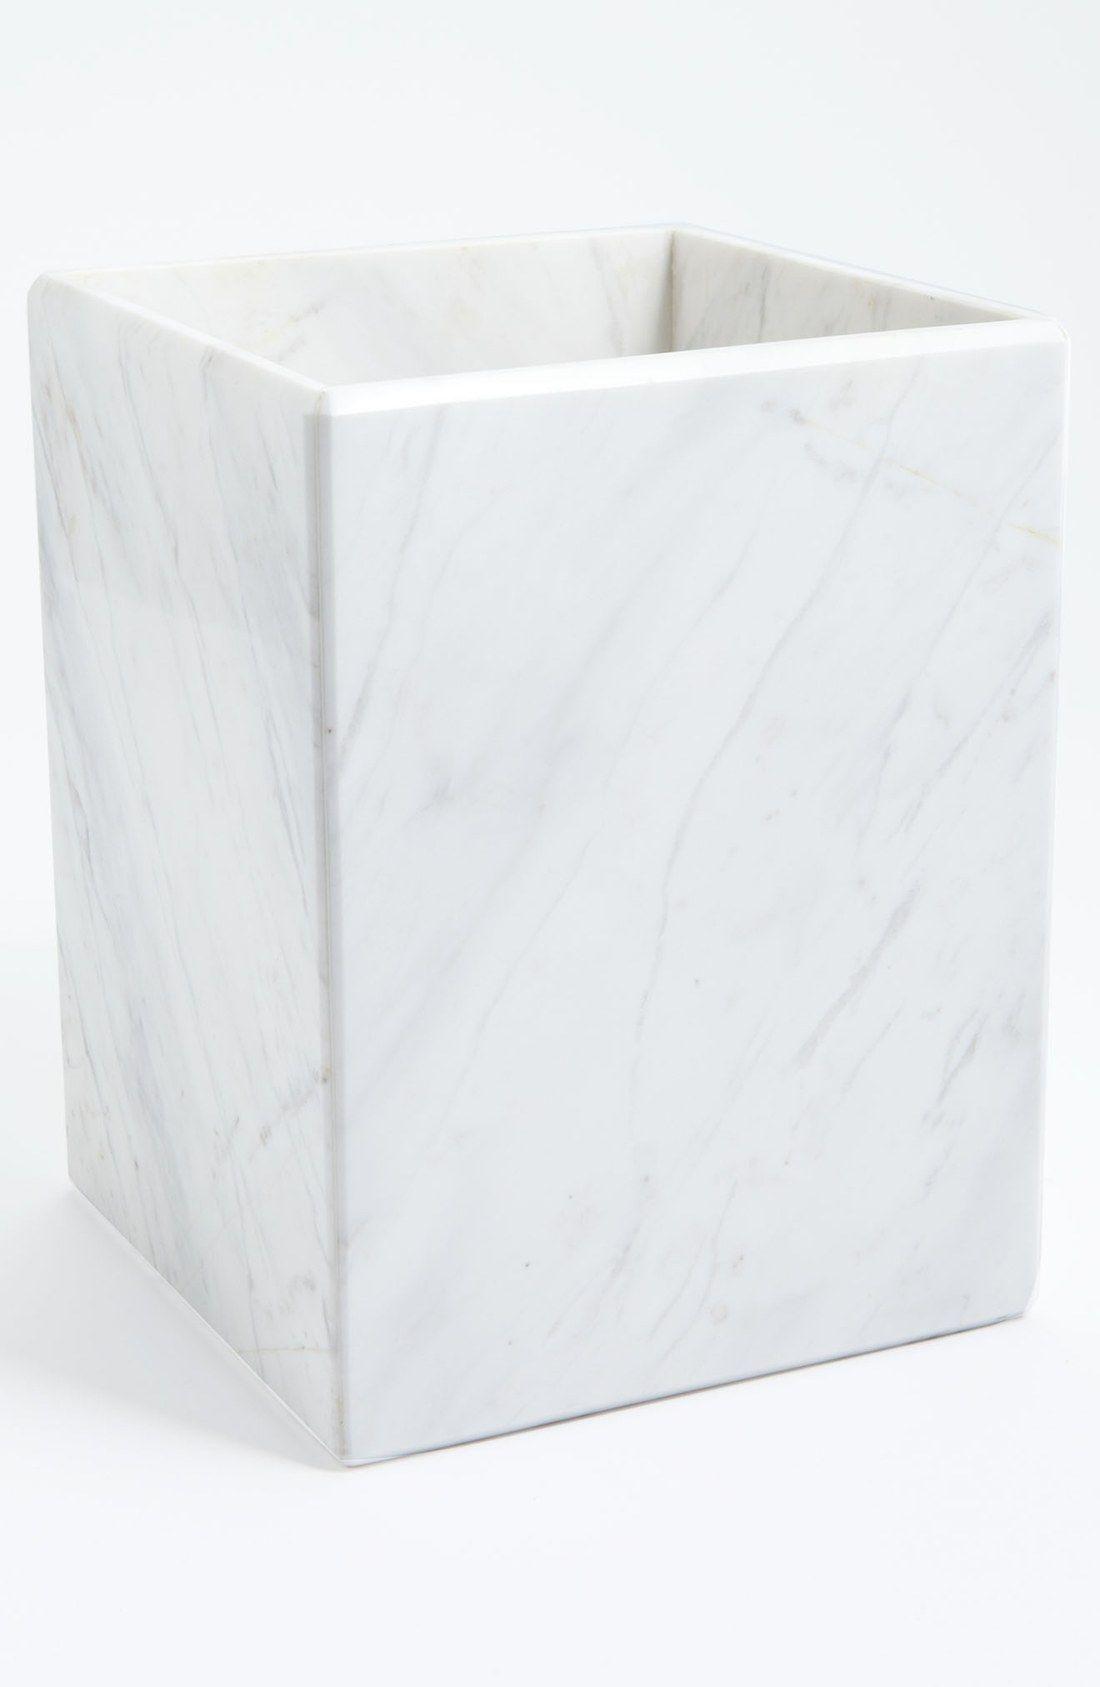 waterworks studio 'luna' white marble wastebasket (online only  - waterworks studio 'luna' white marble wastebasket (online